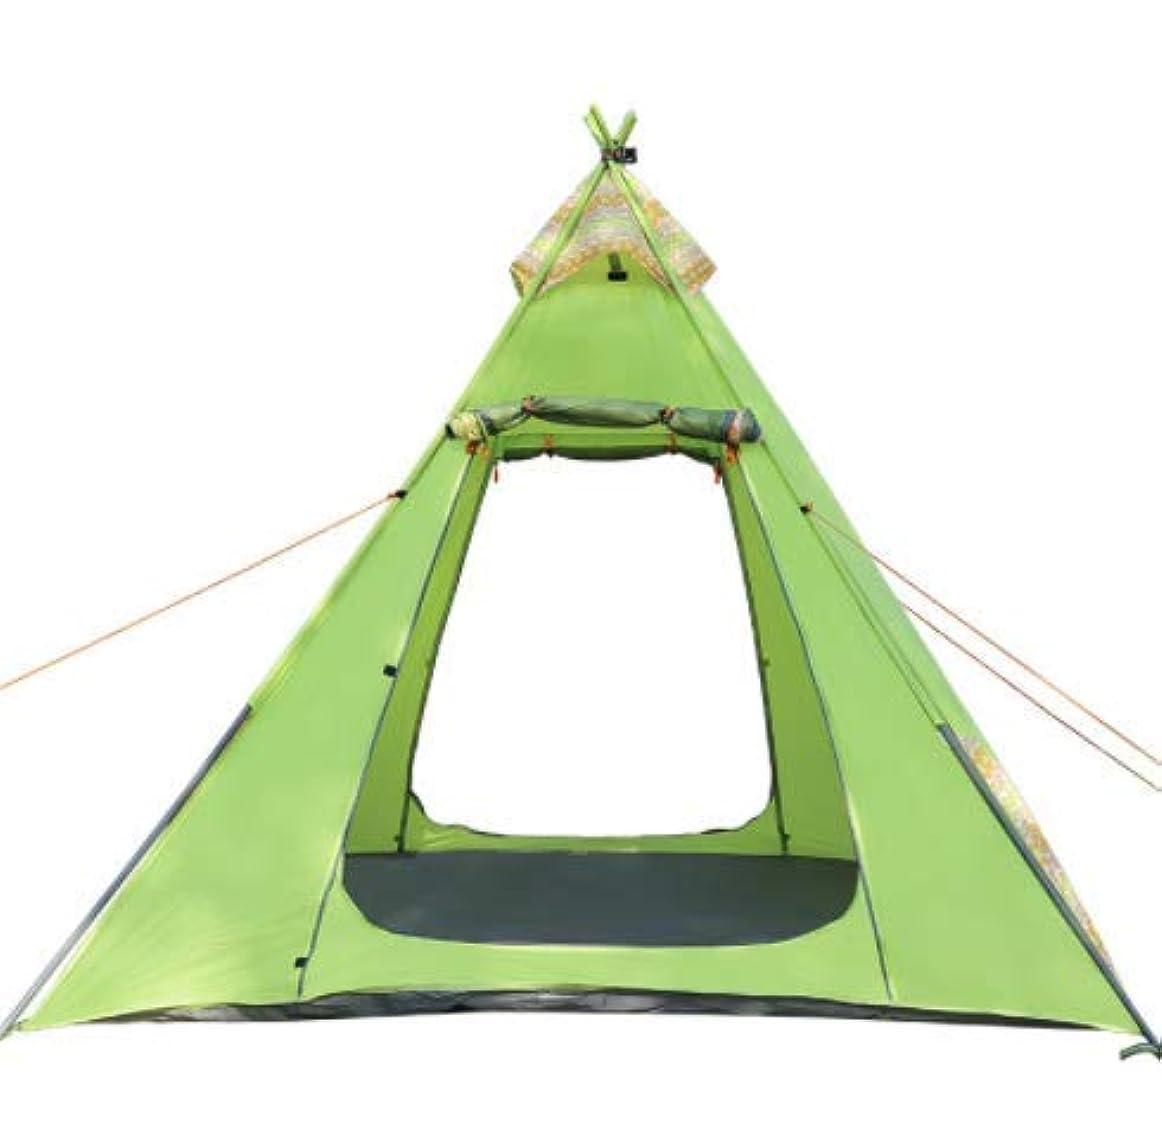 スリーブ作者制限されたFeelyer 215 * 215 * 200CM屋外キャンプテント防風防水キャンプテントビーチ/キャンプ/ピクニック/釣り/登山 顧客に愛されて